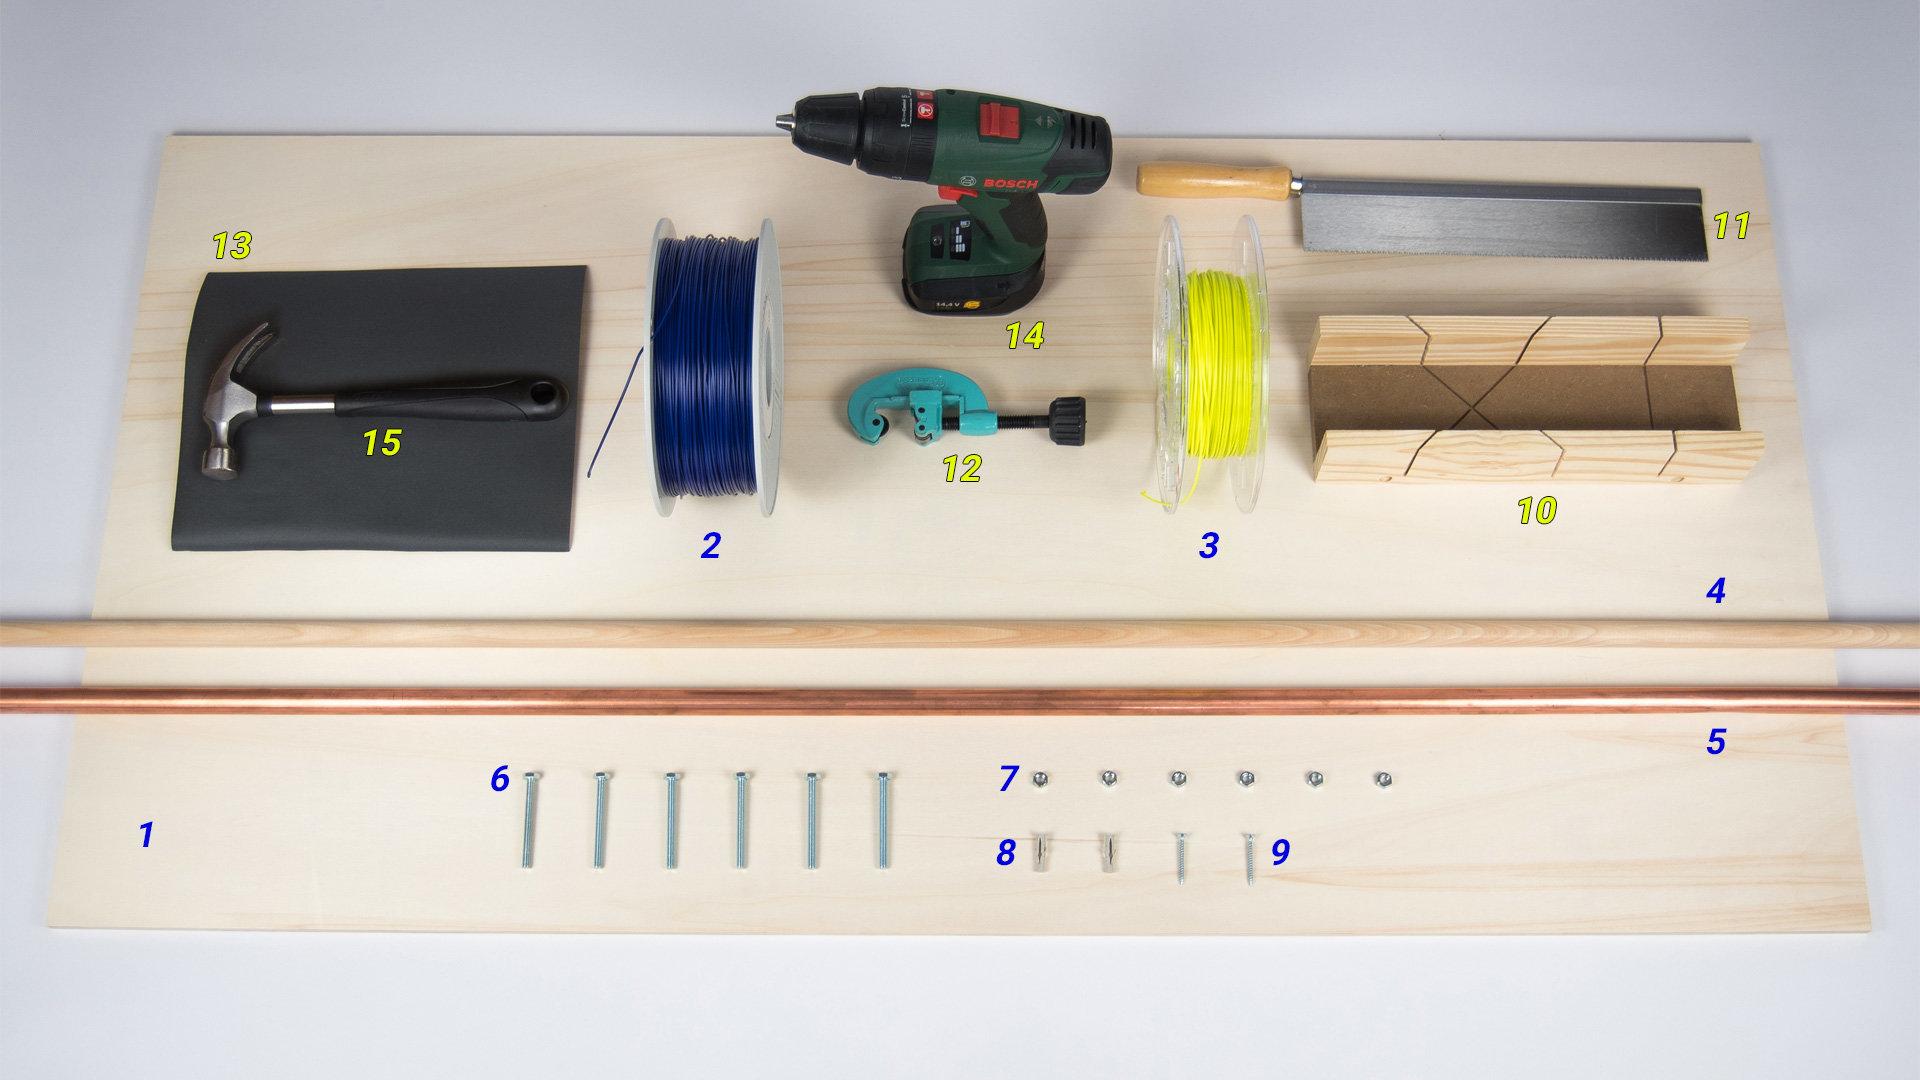 Plug and Make plug and make mate riaux outils-1080p.jpg